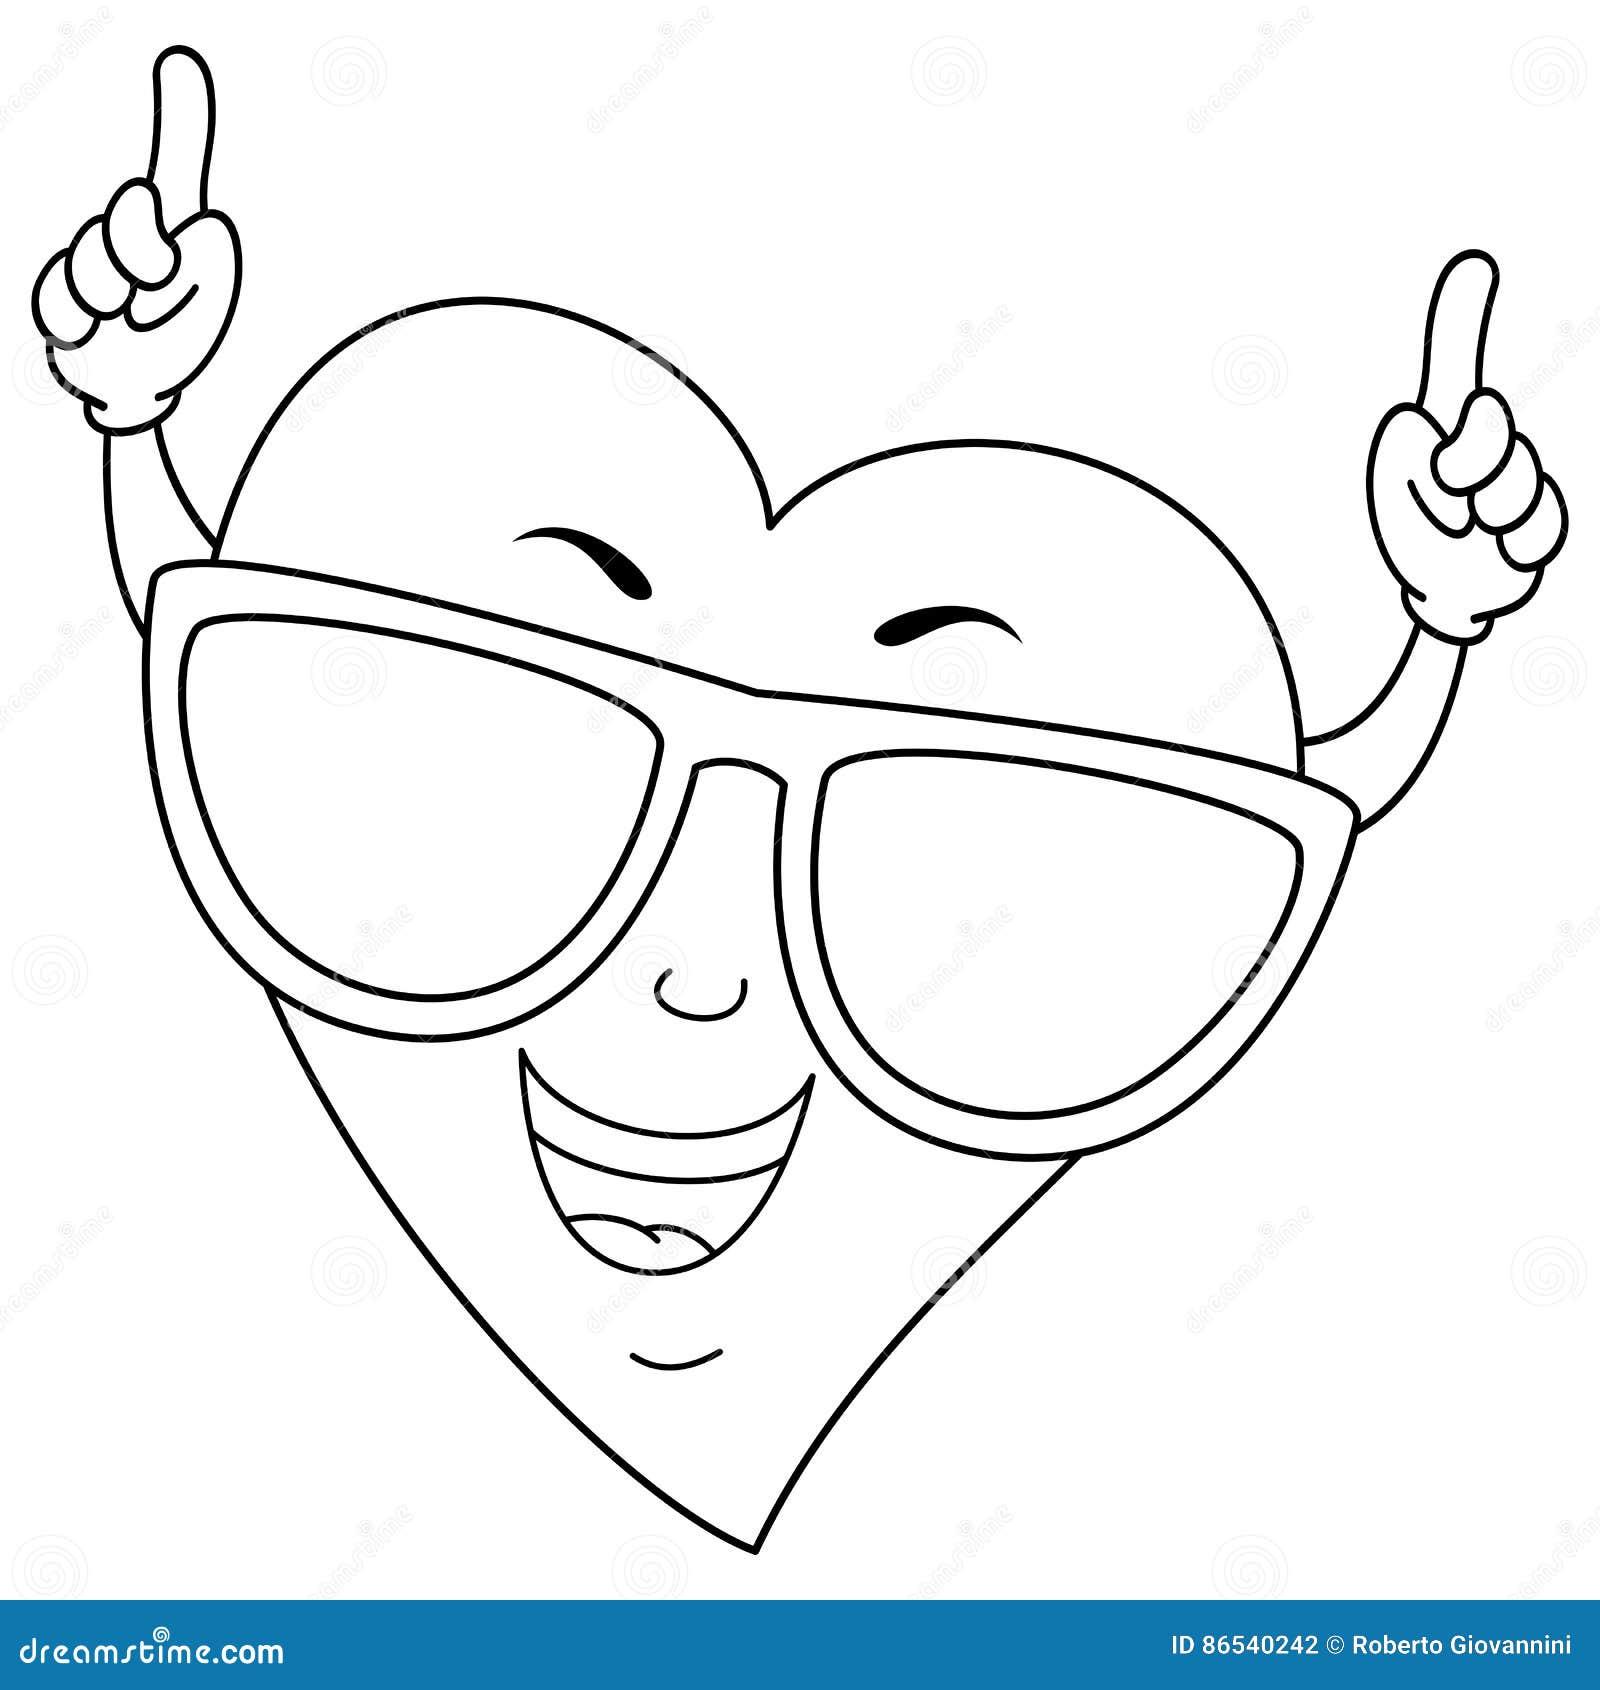 Fantástico Diseño De Corazón Fresco Para Colorear Modelo - Enmarcado ...